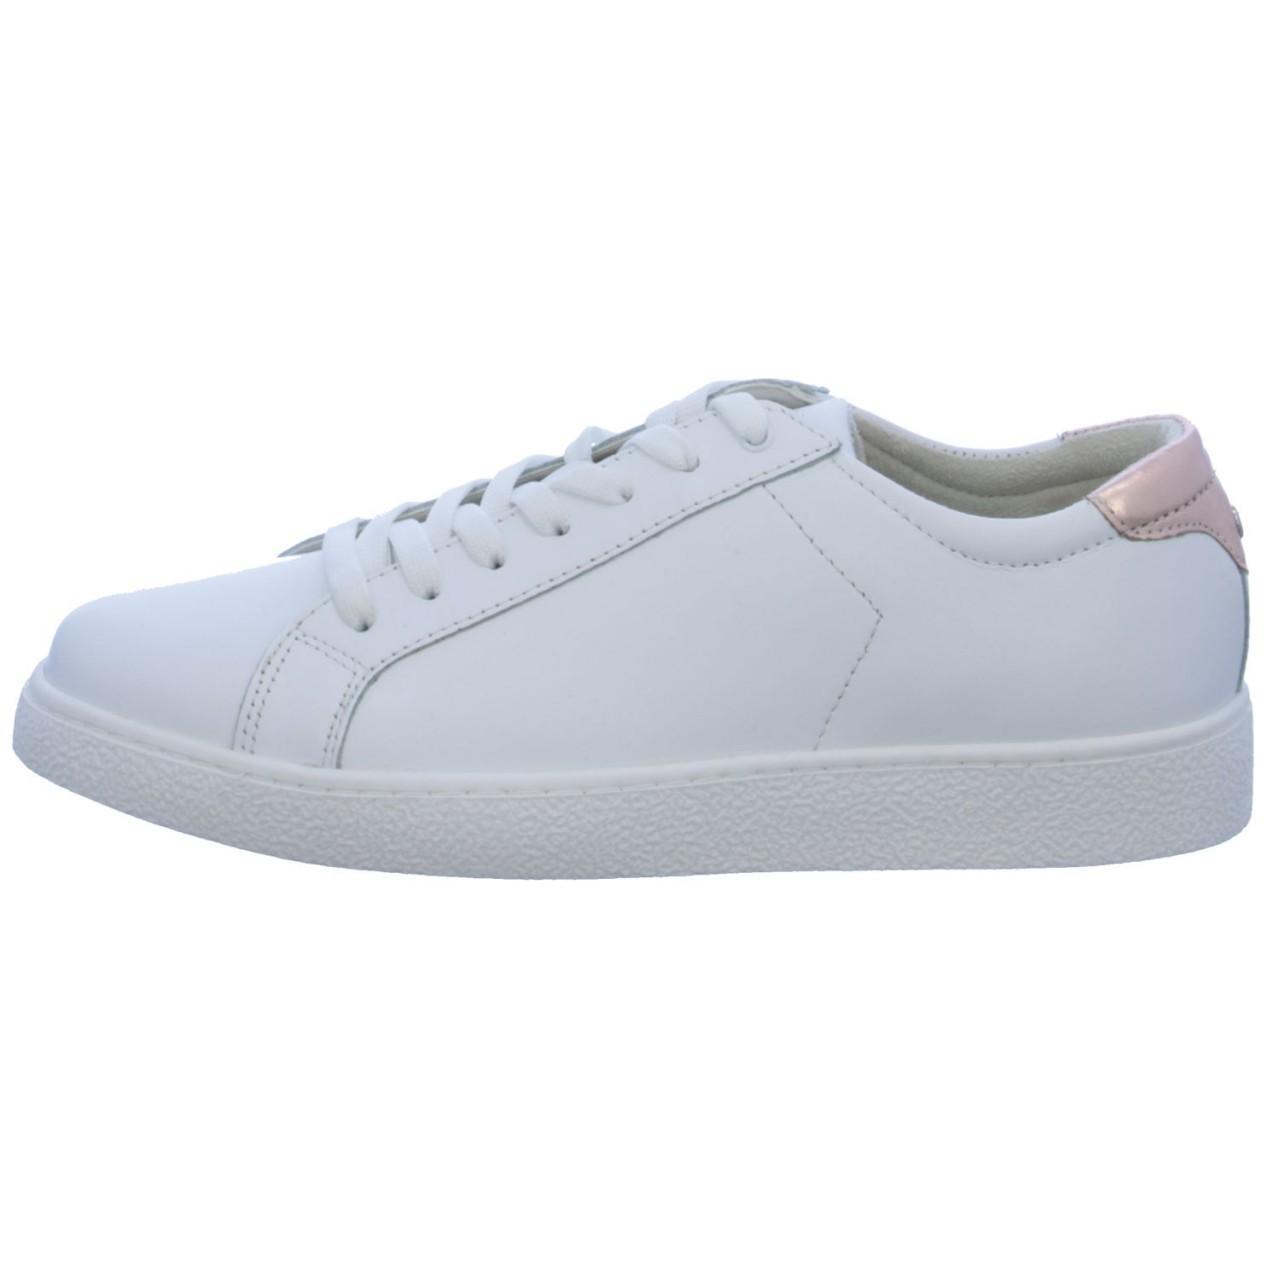 Tamaris Womens 1-1-23631-22 154 Low-Top Sneakers